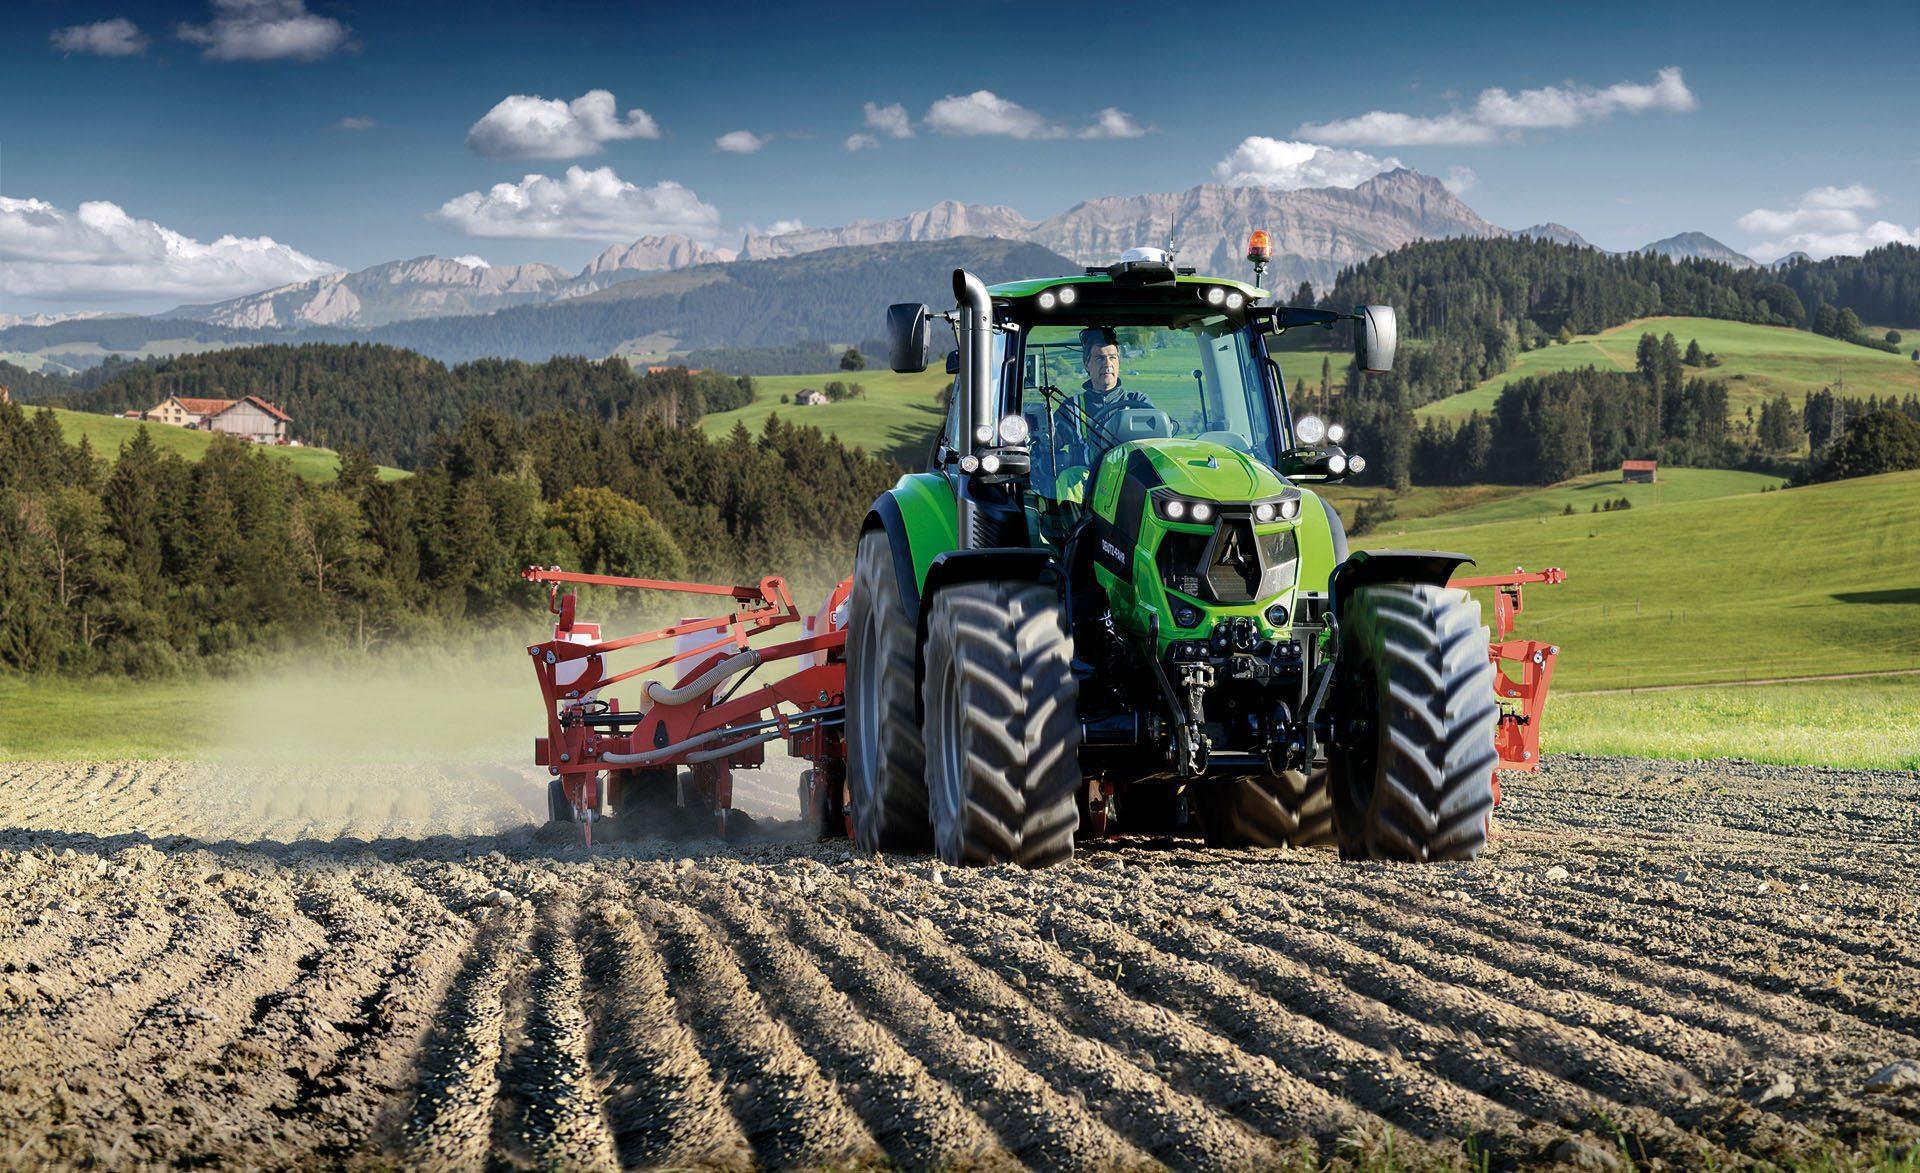 Traktor 6165 TTV Tier 4 Final mit einer Egge auf dem Feld